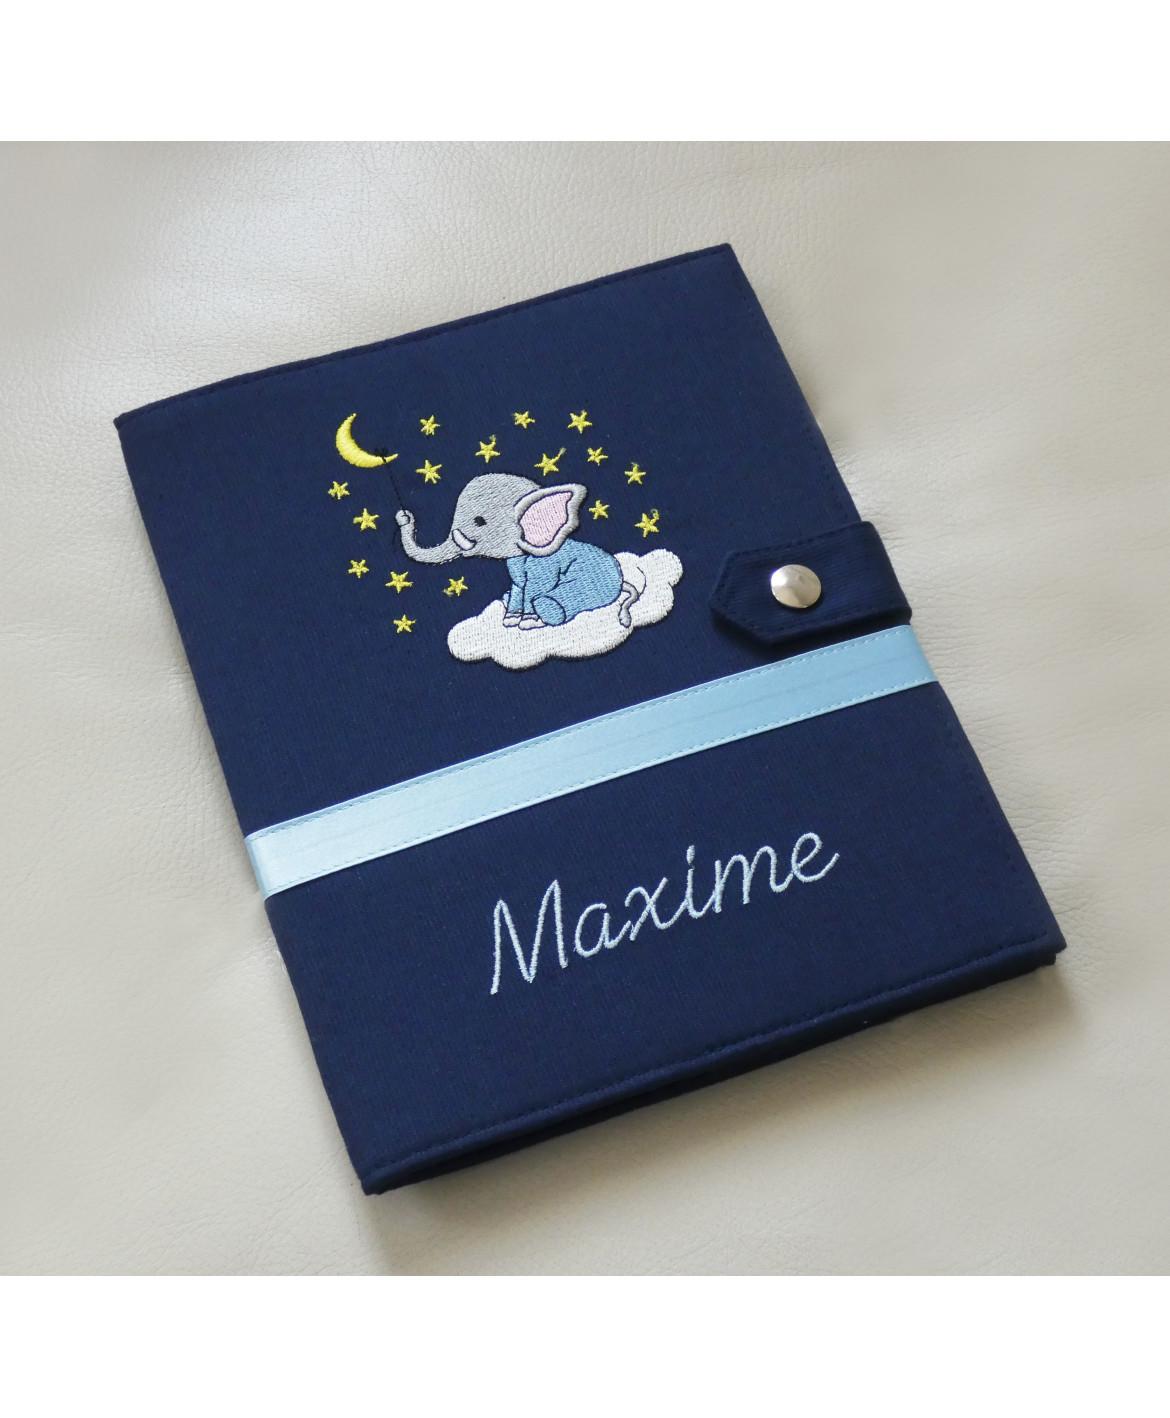 Protège carnet de santé rigide personnalisé - bleu marine - bébé éléphant - Cadeau de naissance garçon